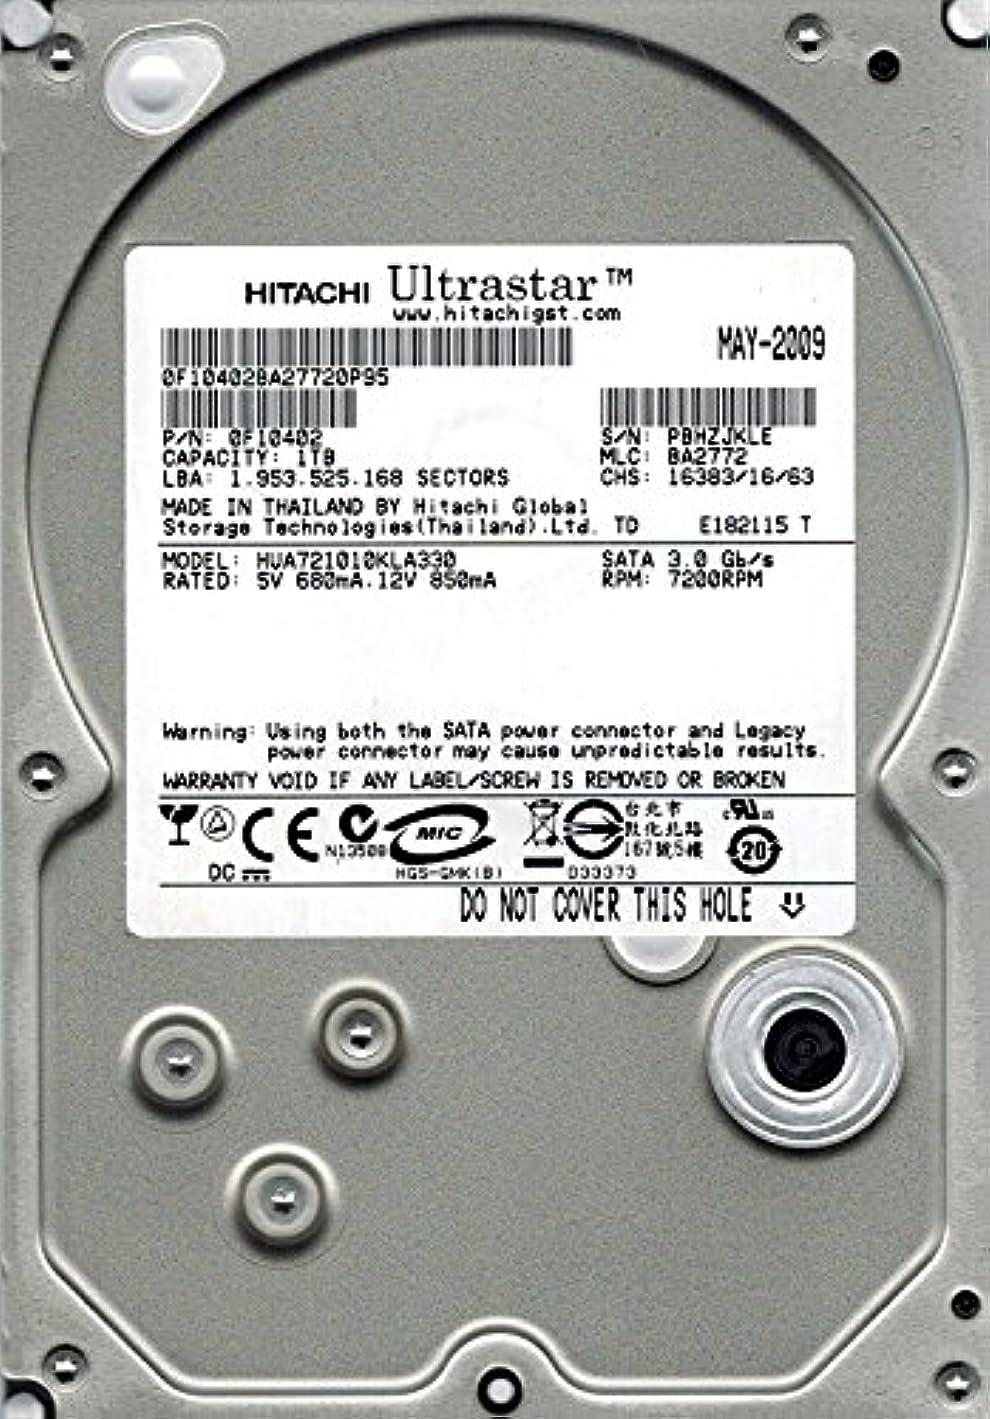 インストール教科書債務Hitachi hua721010kla330?P/N : 0?F10402?MLC : ba2772?1tb